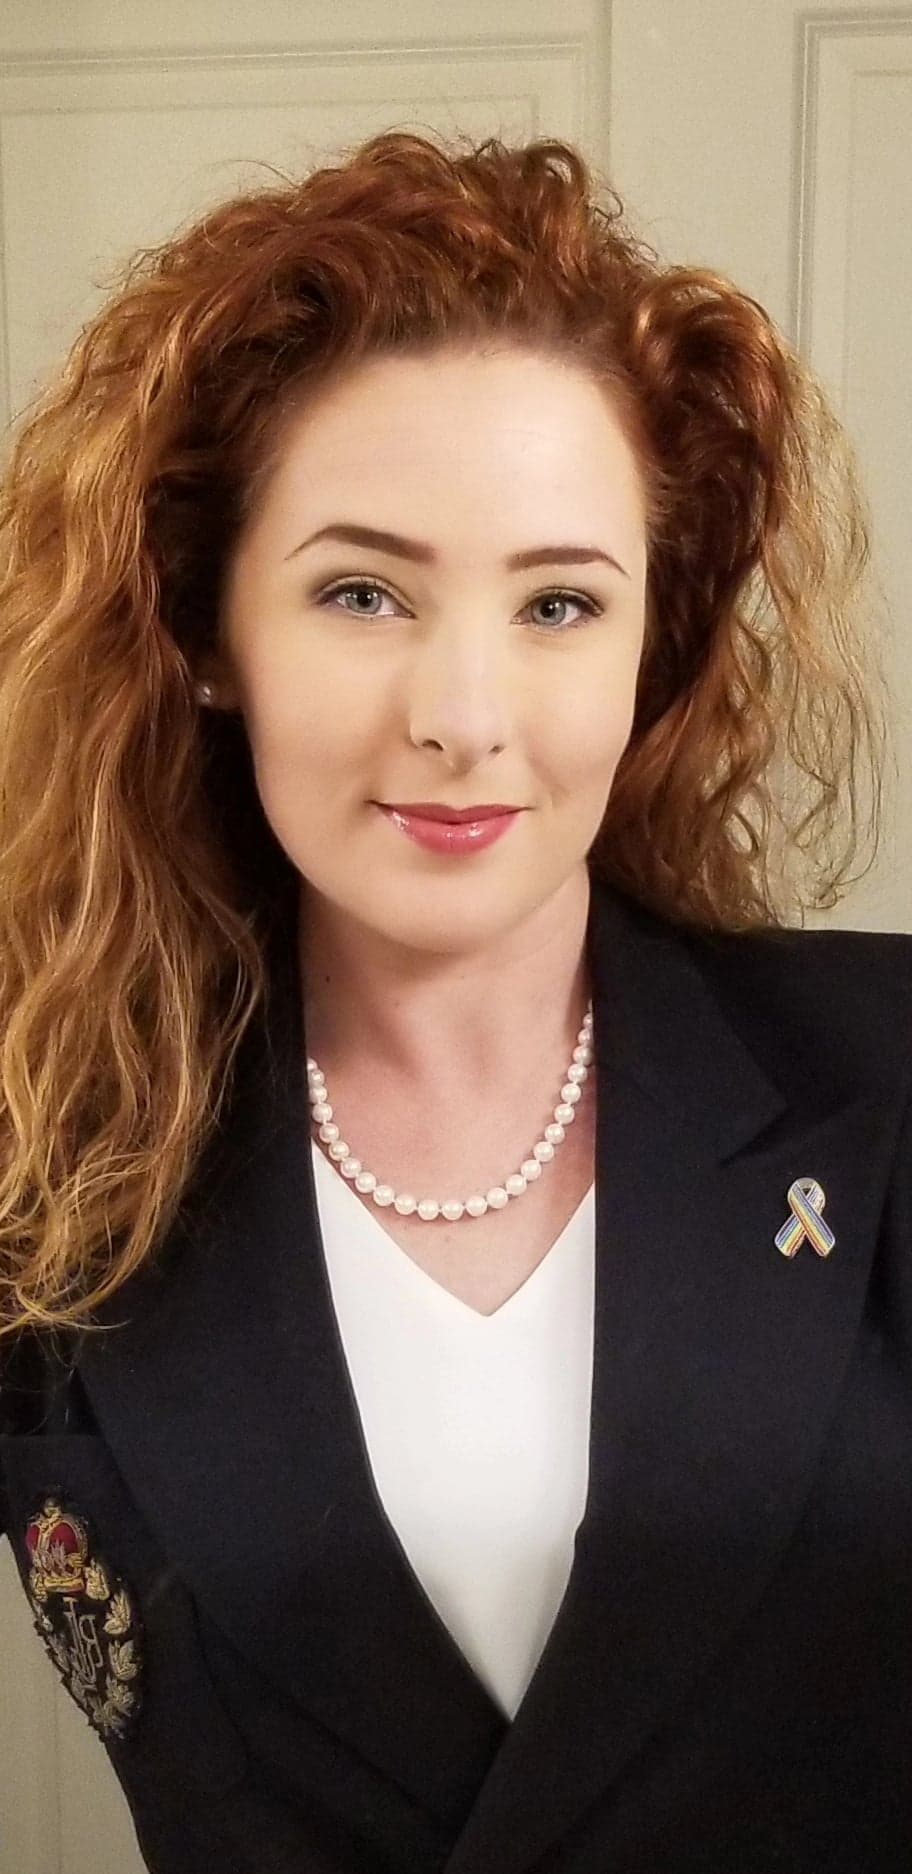 Amanda Venuti